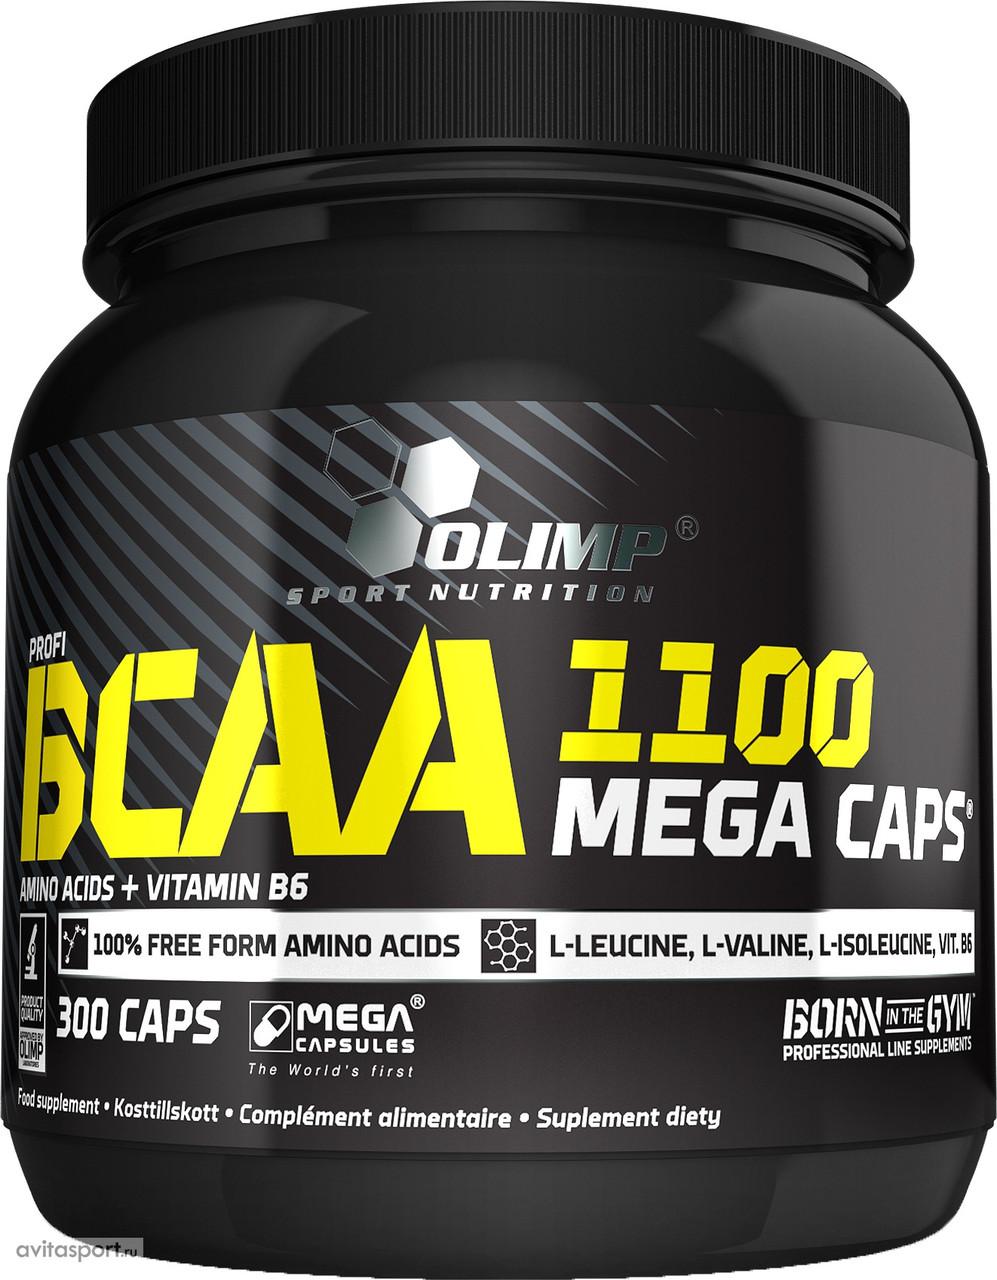 OLIMP BCAA Mega Caps 300 caps, Олимп БЦА Мега капс 300 капсул